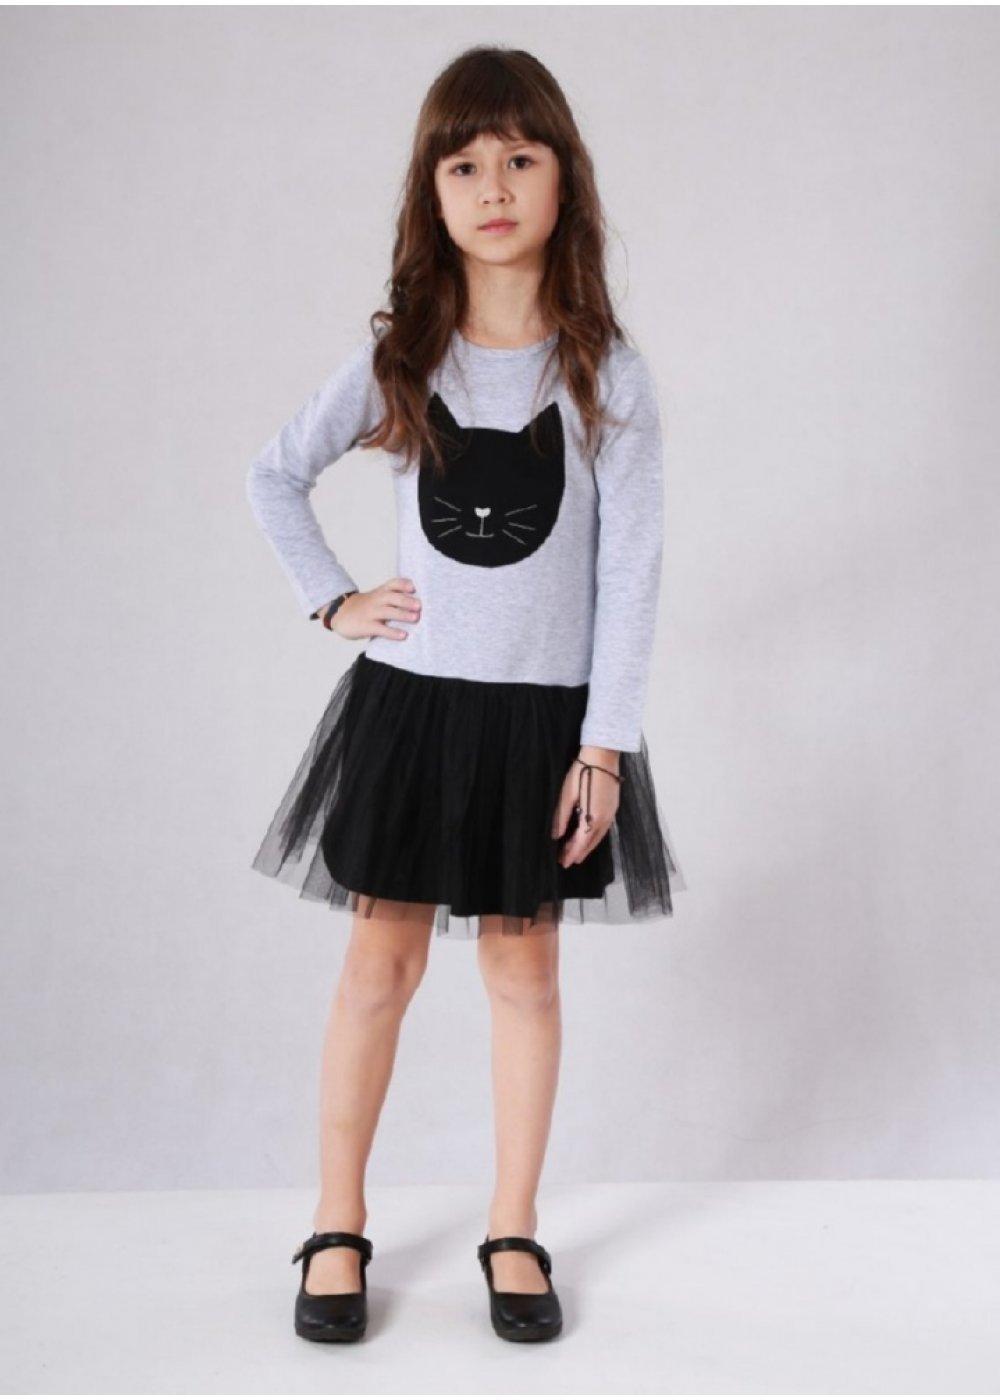 детская одежда оптом от производителя Видоли